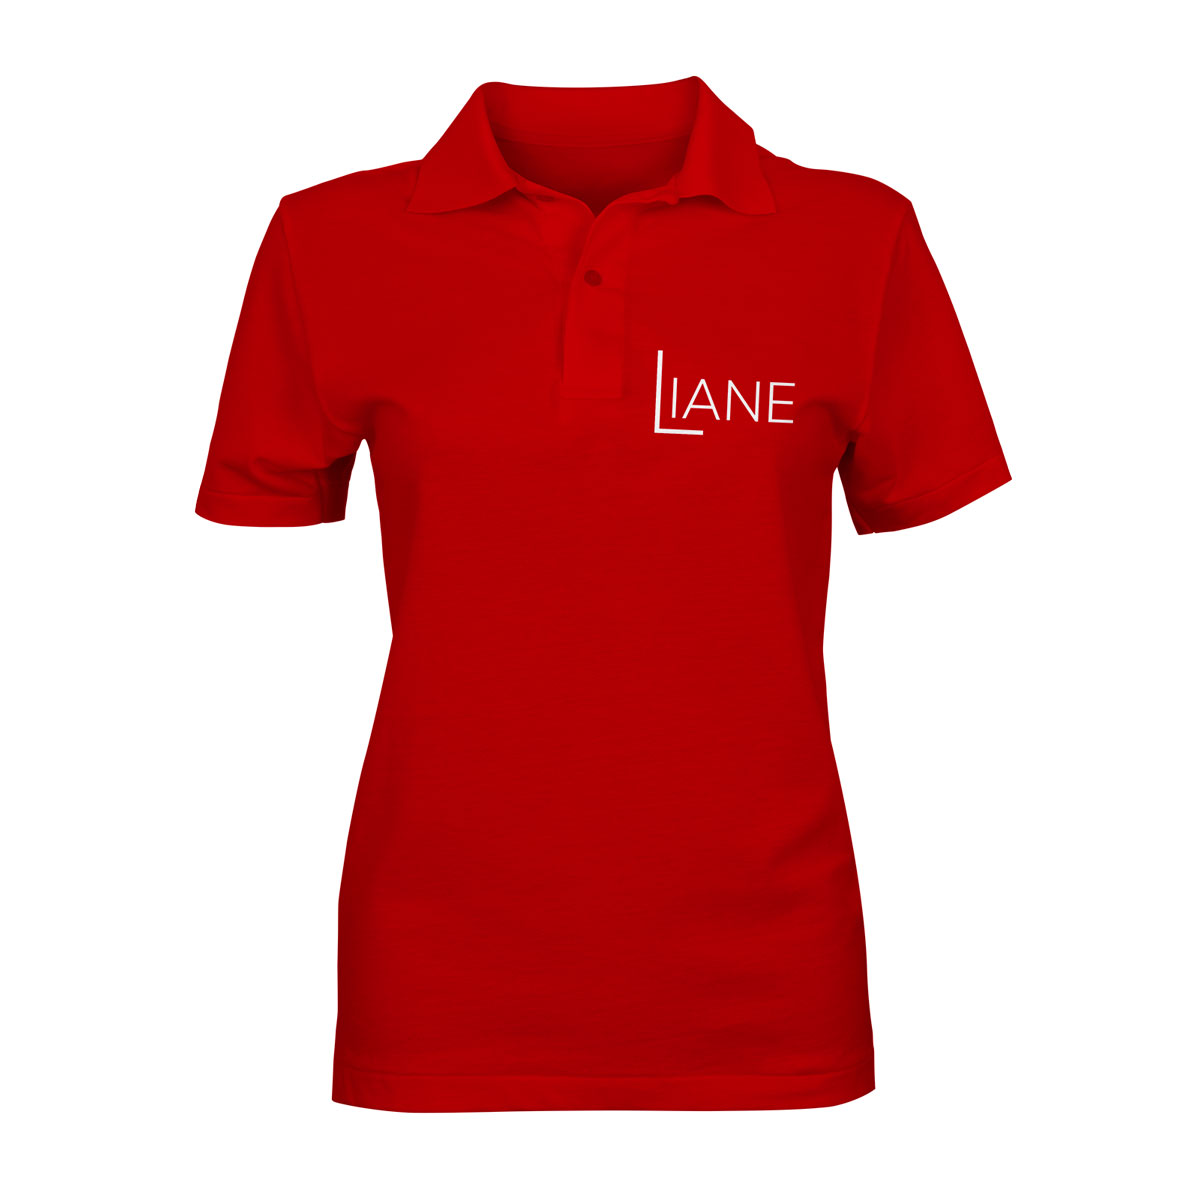 Liane Poloshirt Damen rot